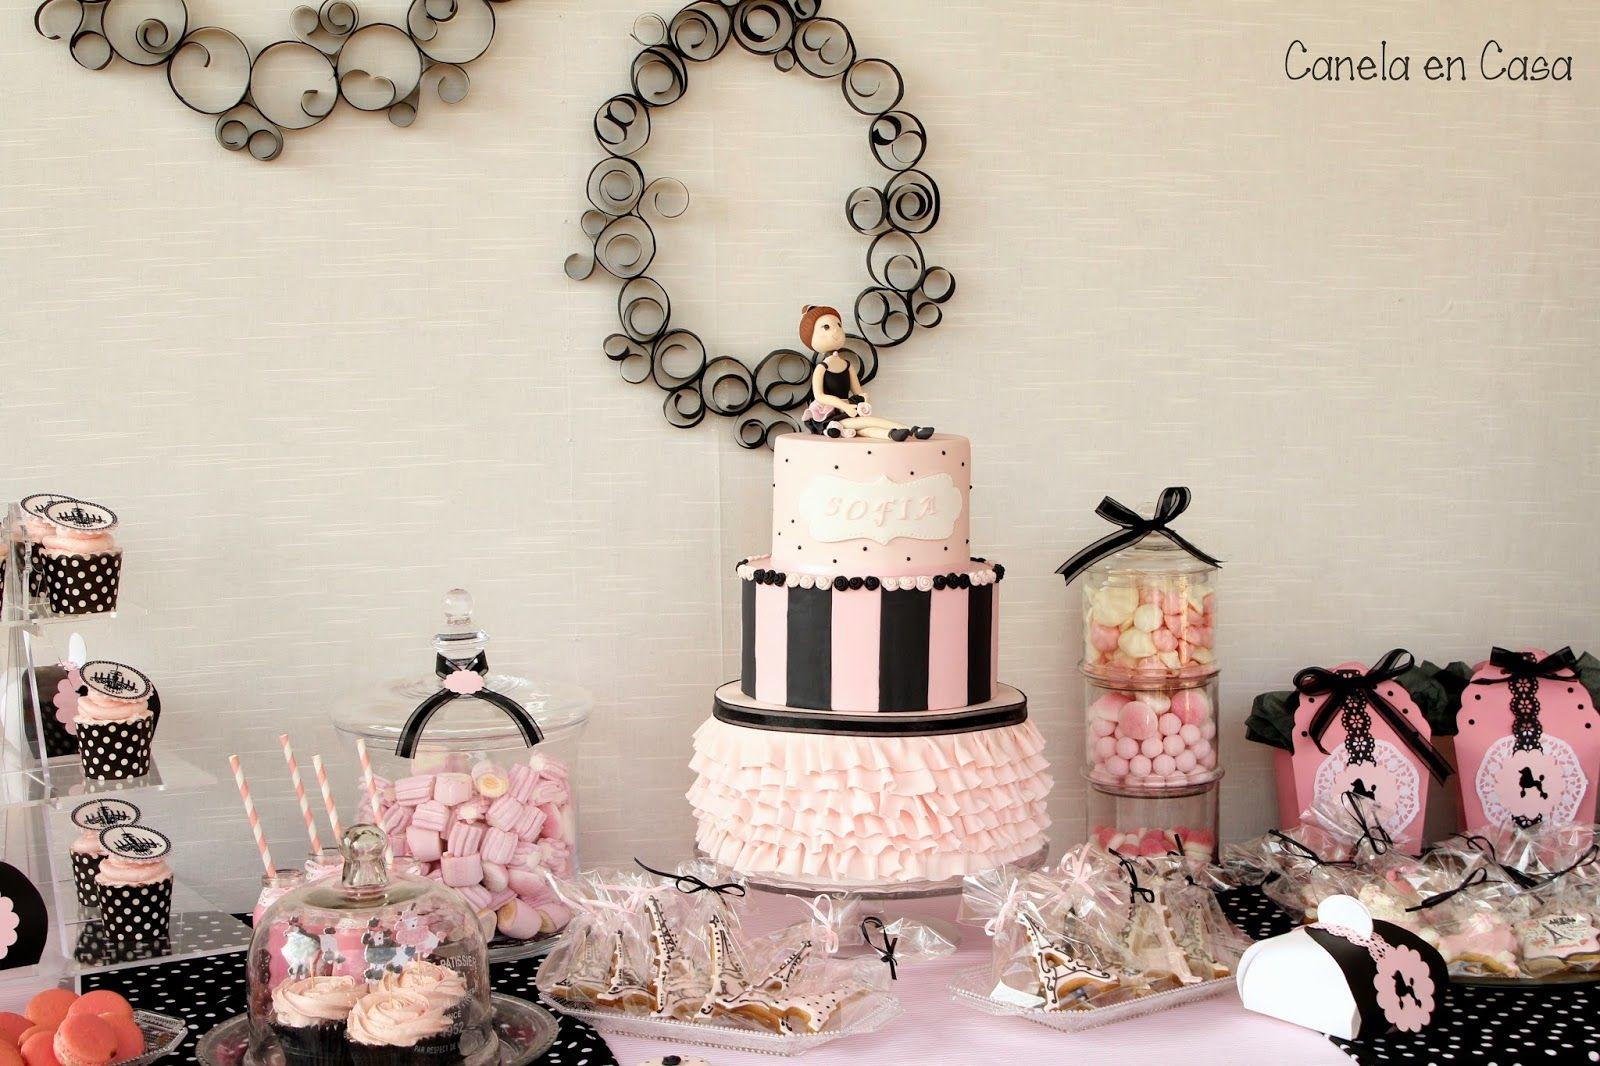 Decoracion de mesas dulces elegantes buscar con google for Decoracion quince anos paris